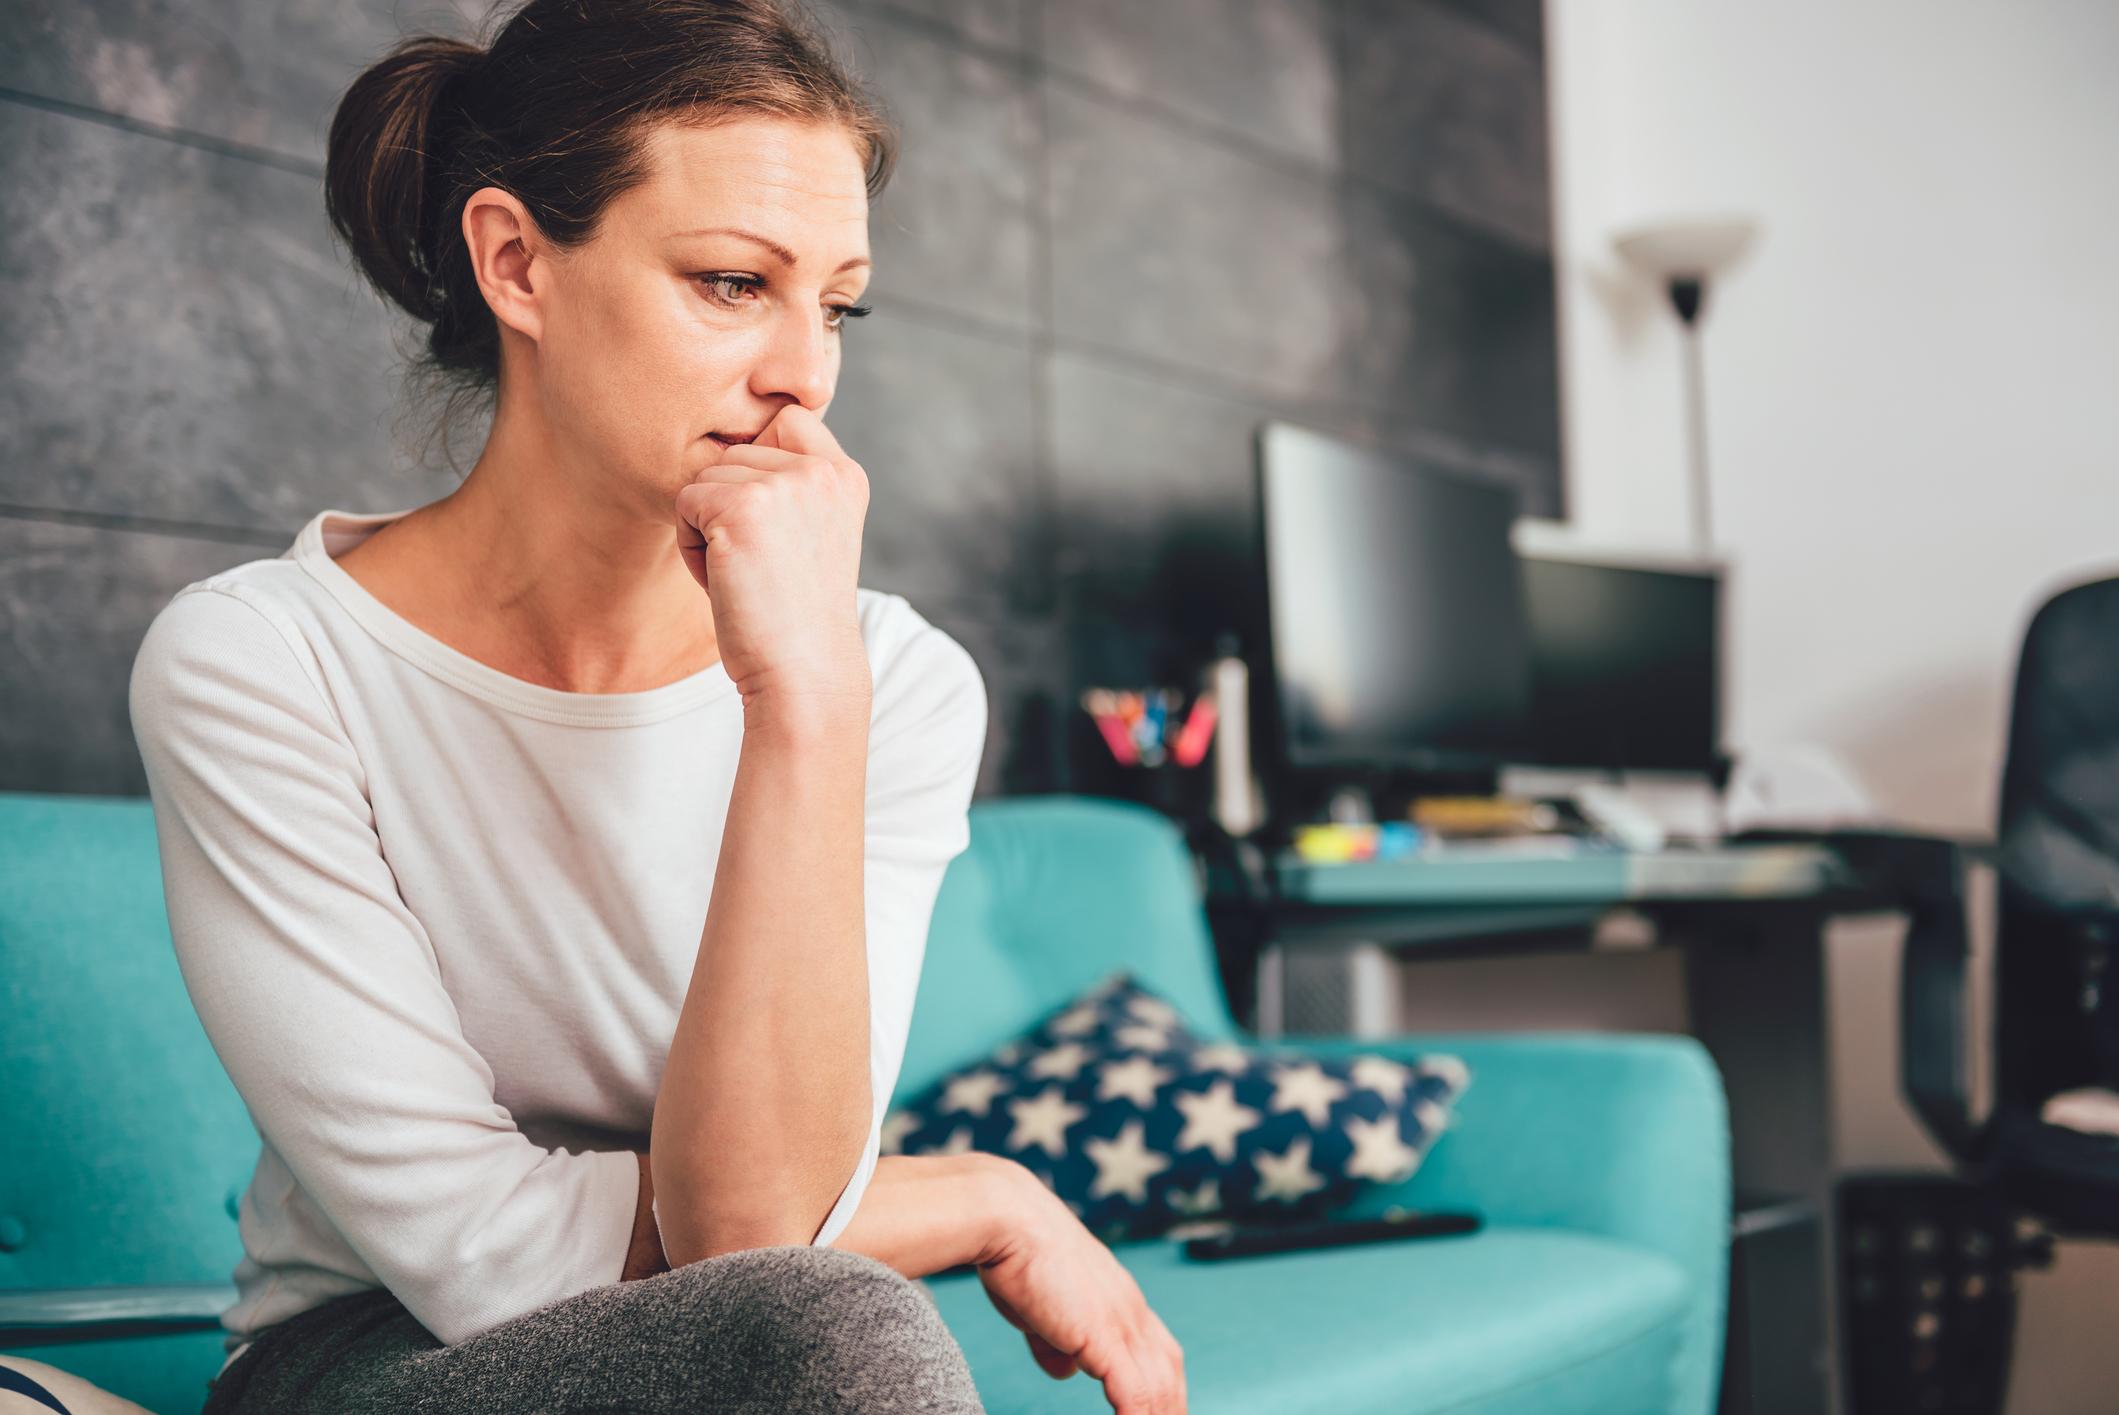 femme assise sur un canapé, seule, douteuse